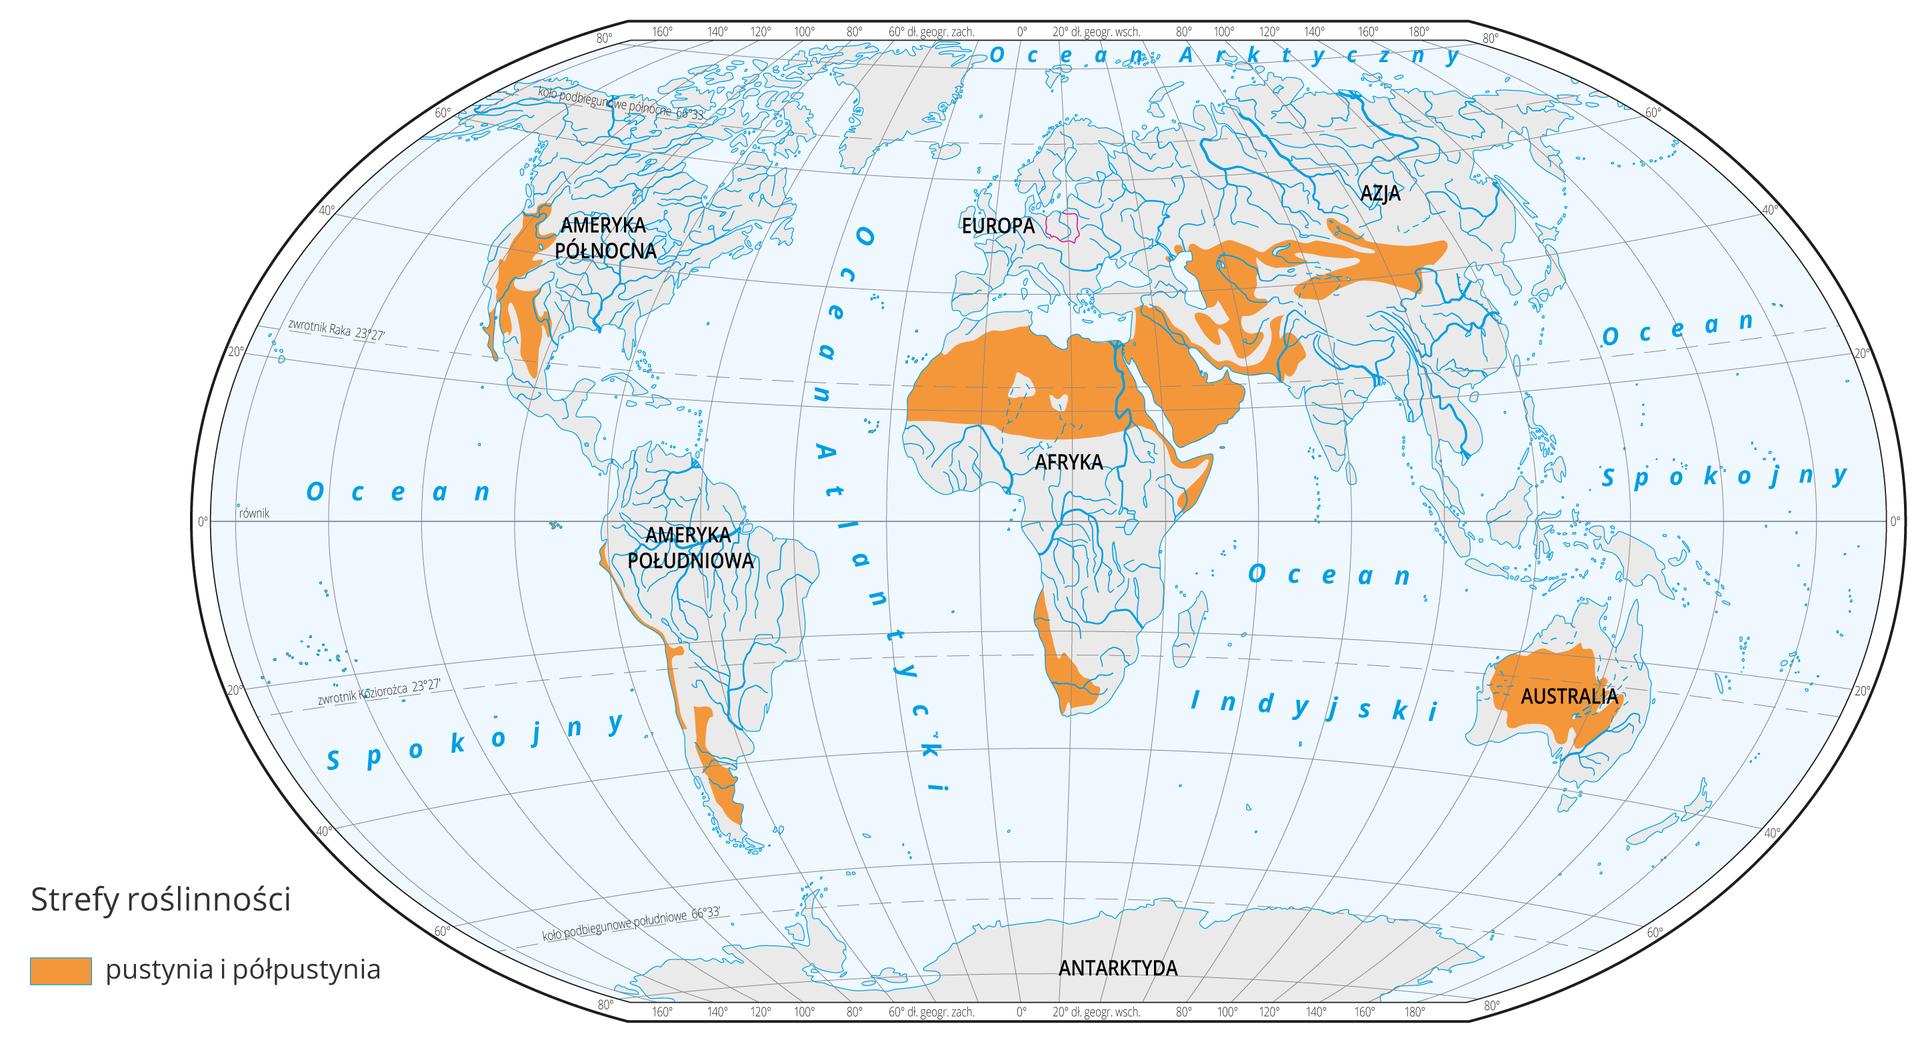 Mapa świata prezentuje występowanie pustyń ipółpustyń na Ziemi, które oznaczono kolorem brązowym. Pustynnie ipółpustynie występują wcałej północnej Afryce oraz jej południowo-zachodniej części. Na Bliskim Wschodzie, Ameryce Południowej, centralnej Australii oraz środkowej Azji.